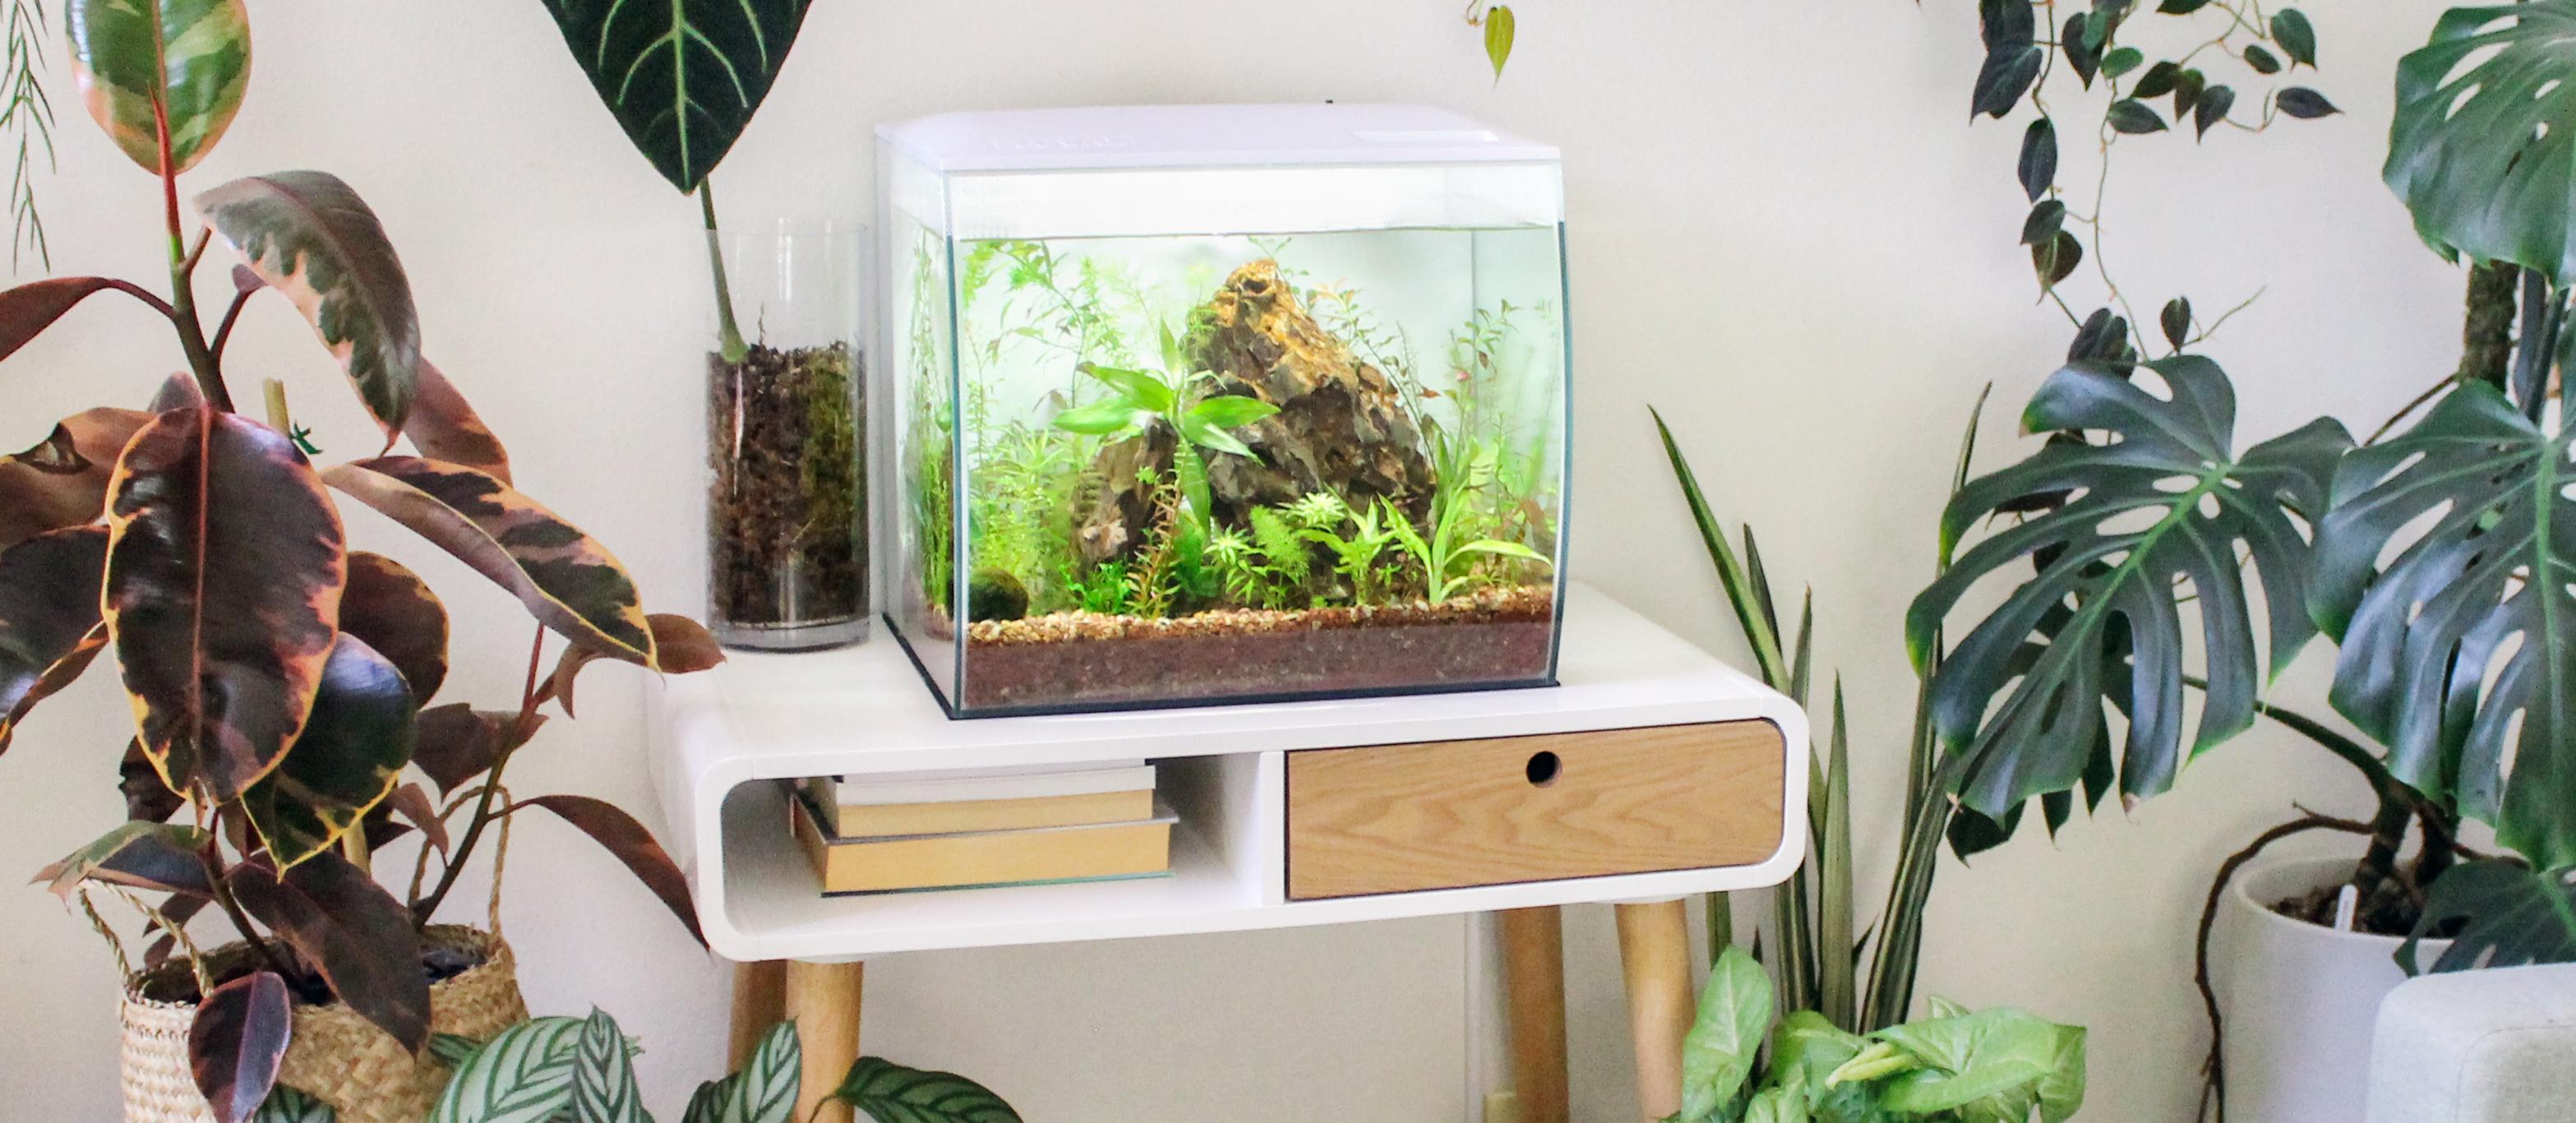 Build Your Underwater Garden